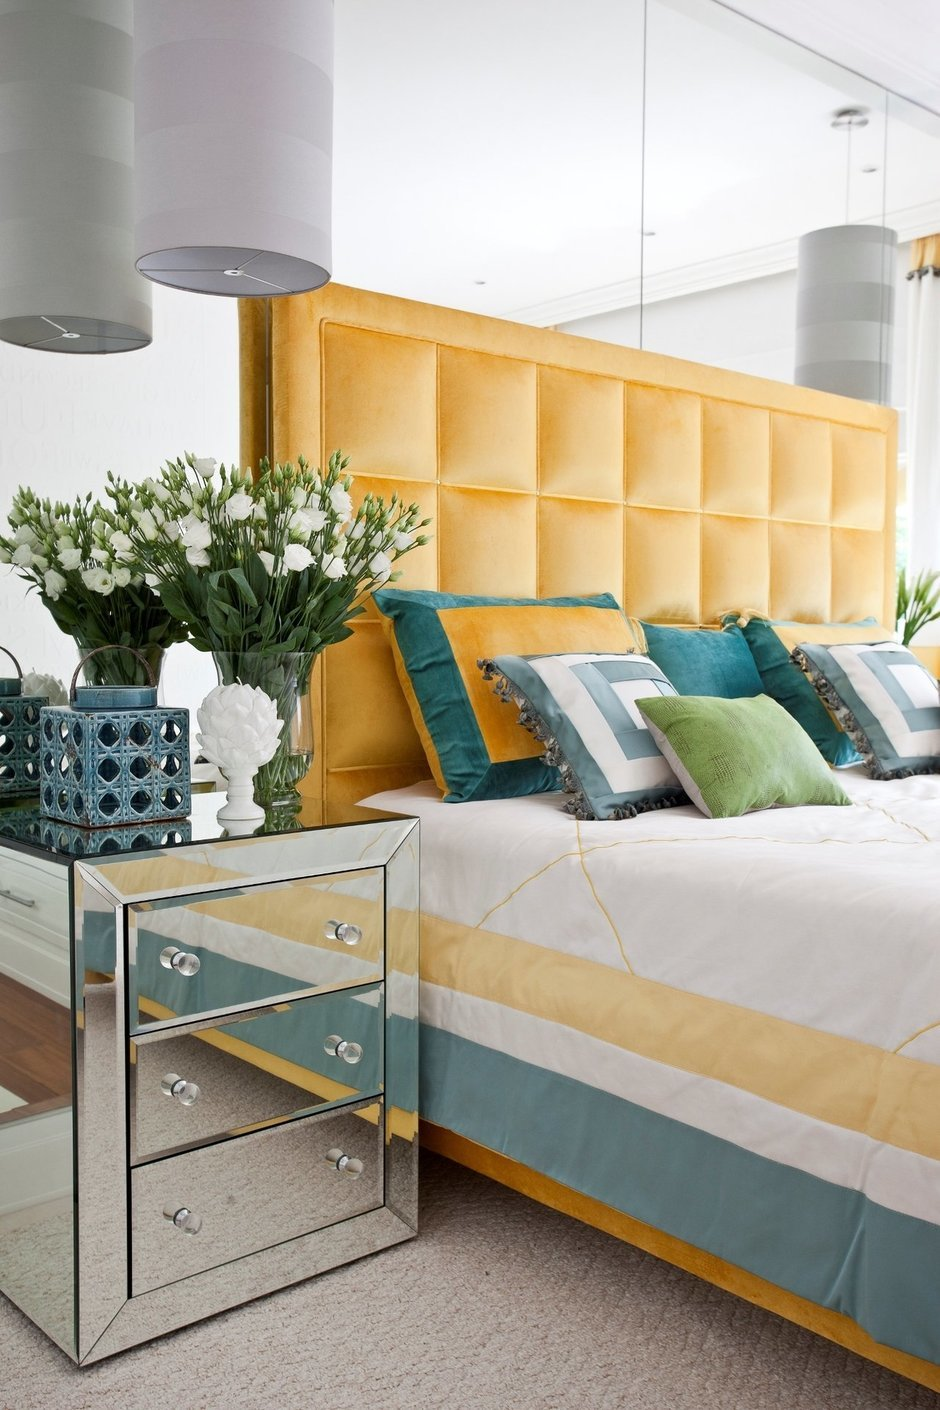 Фотография: Спальня в стиле Хай-тек, Интерьер комнат, Мебель и свет, Проект недели – фото на InMyRoom.ru